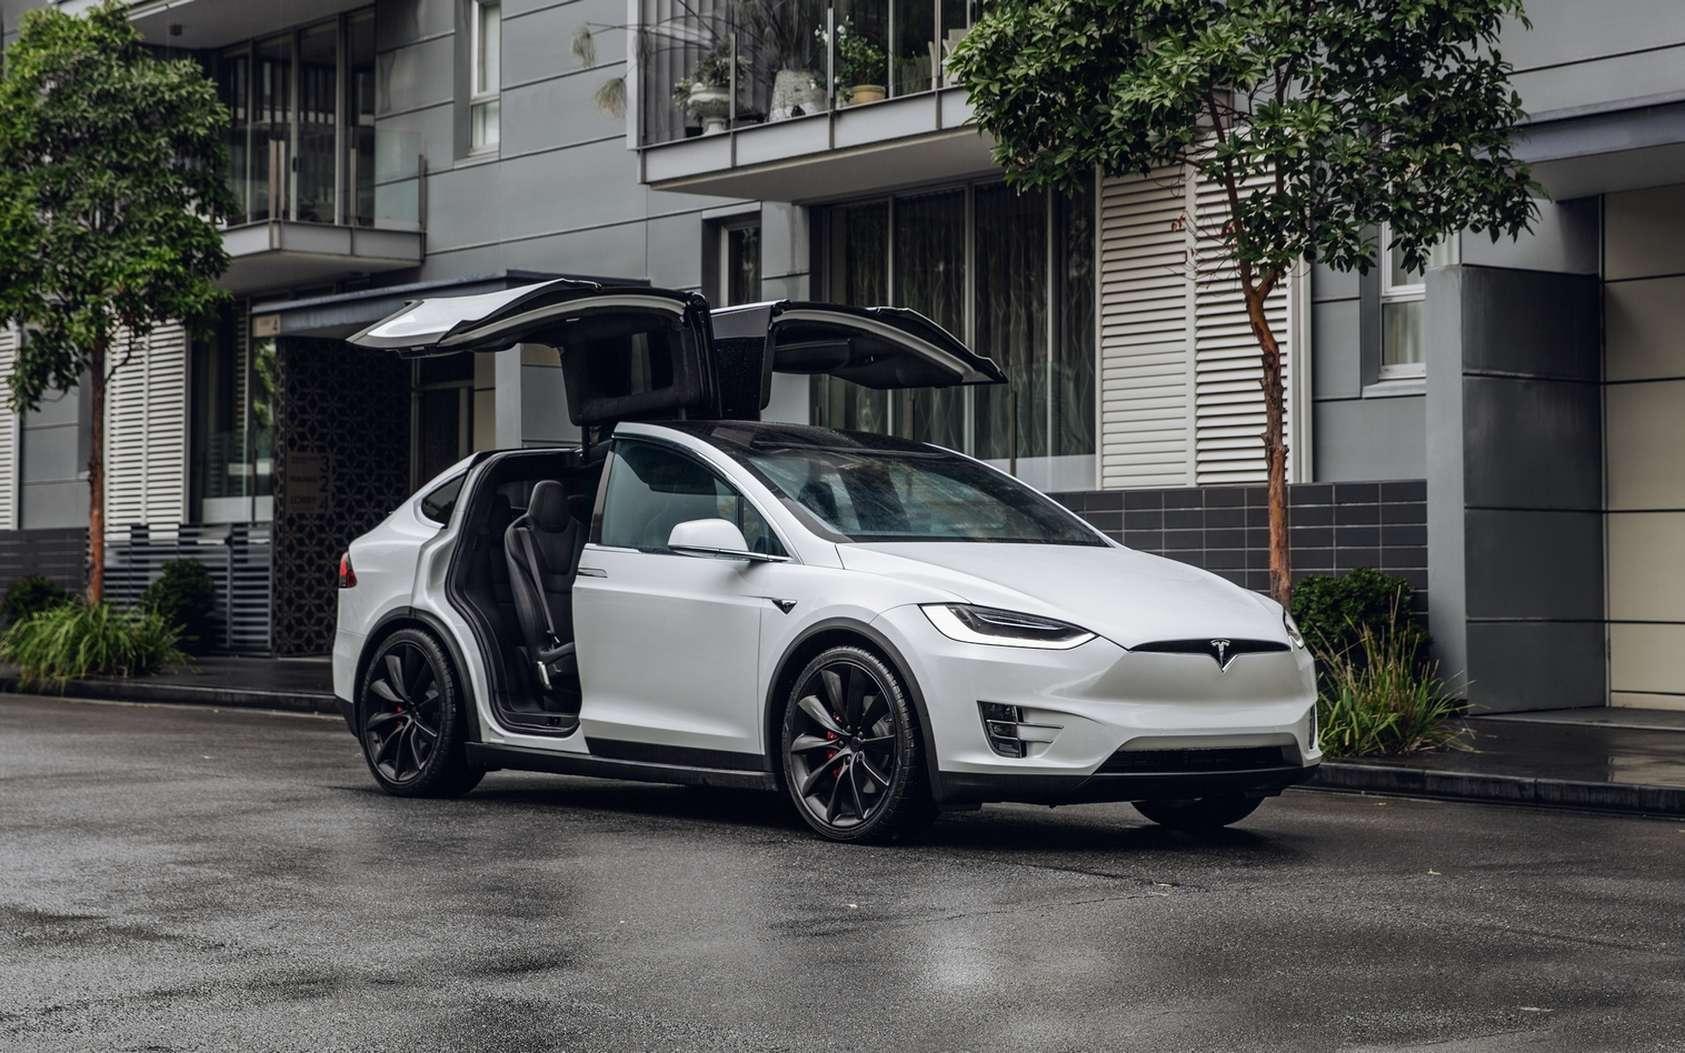 La Tesla Model X est le SUV électrique haut de gamme de la marque. © Tesla